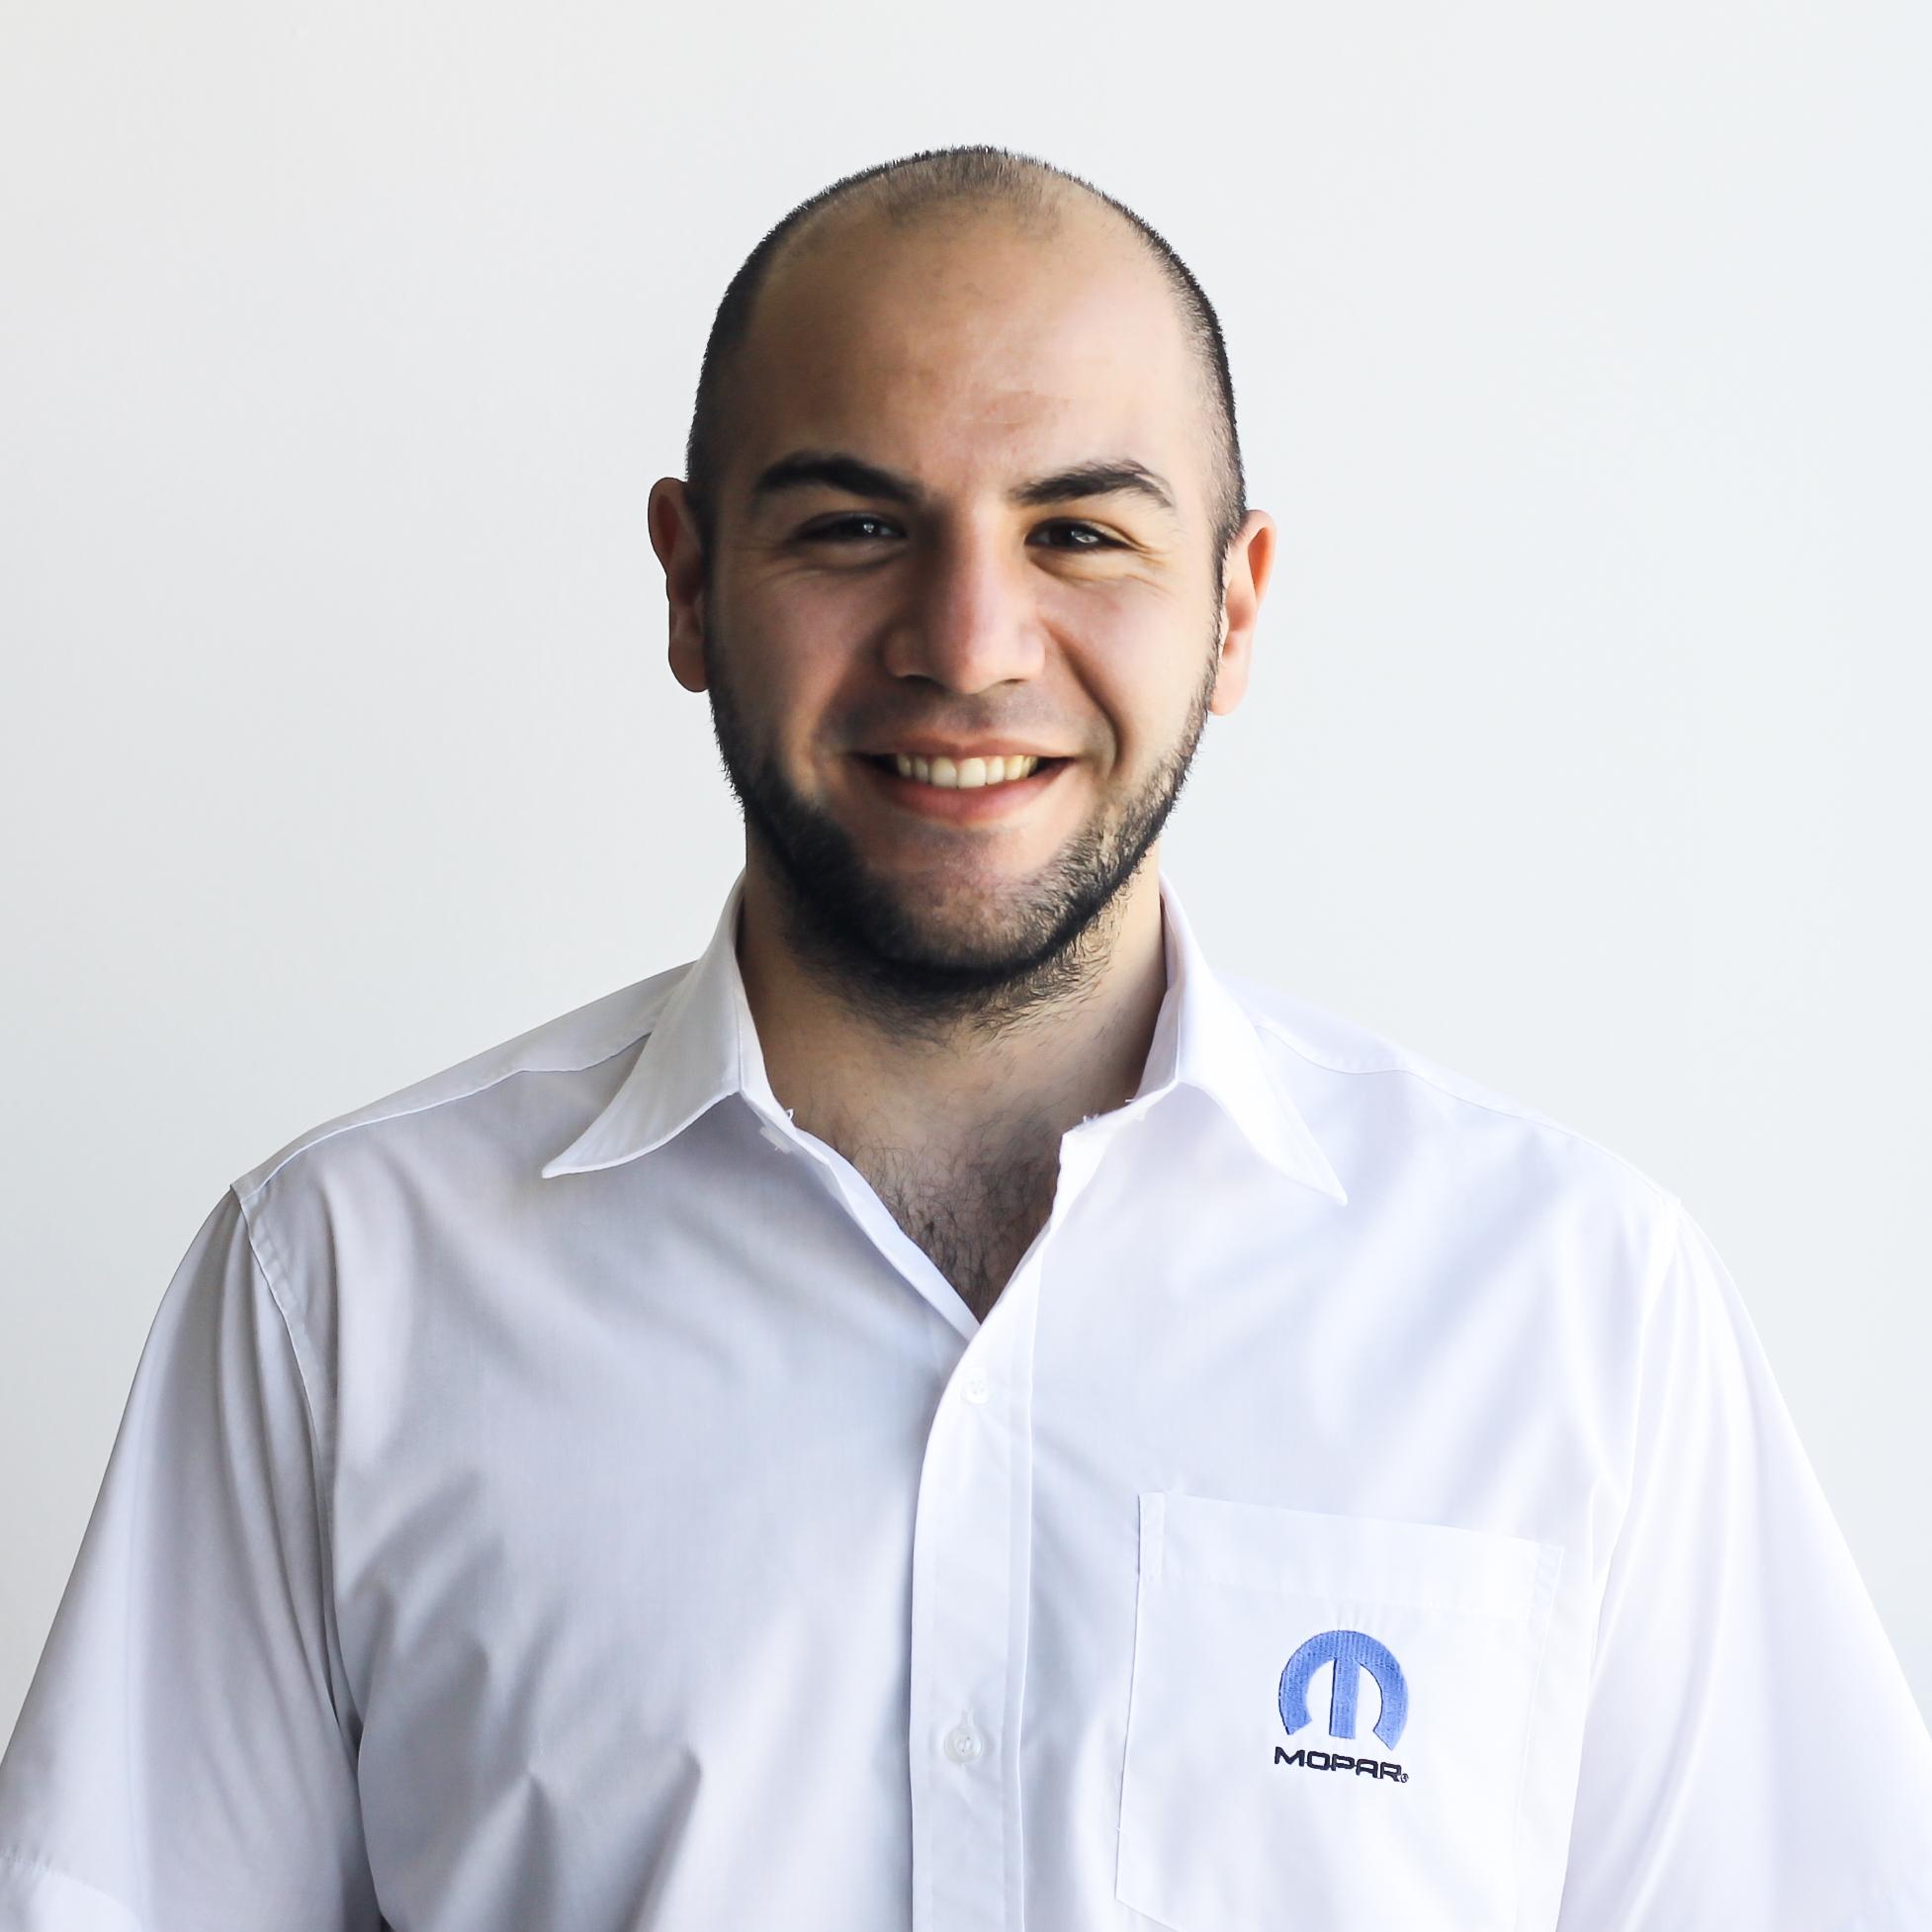 Juan Ignacio Manrique